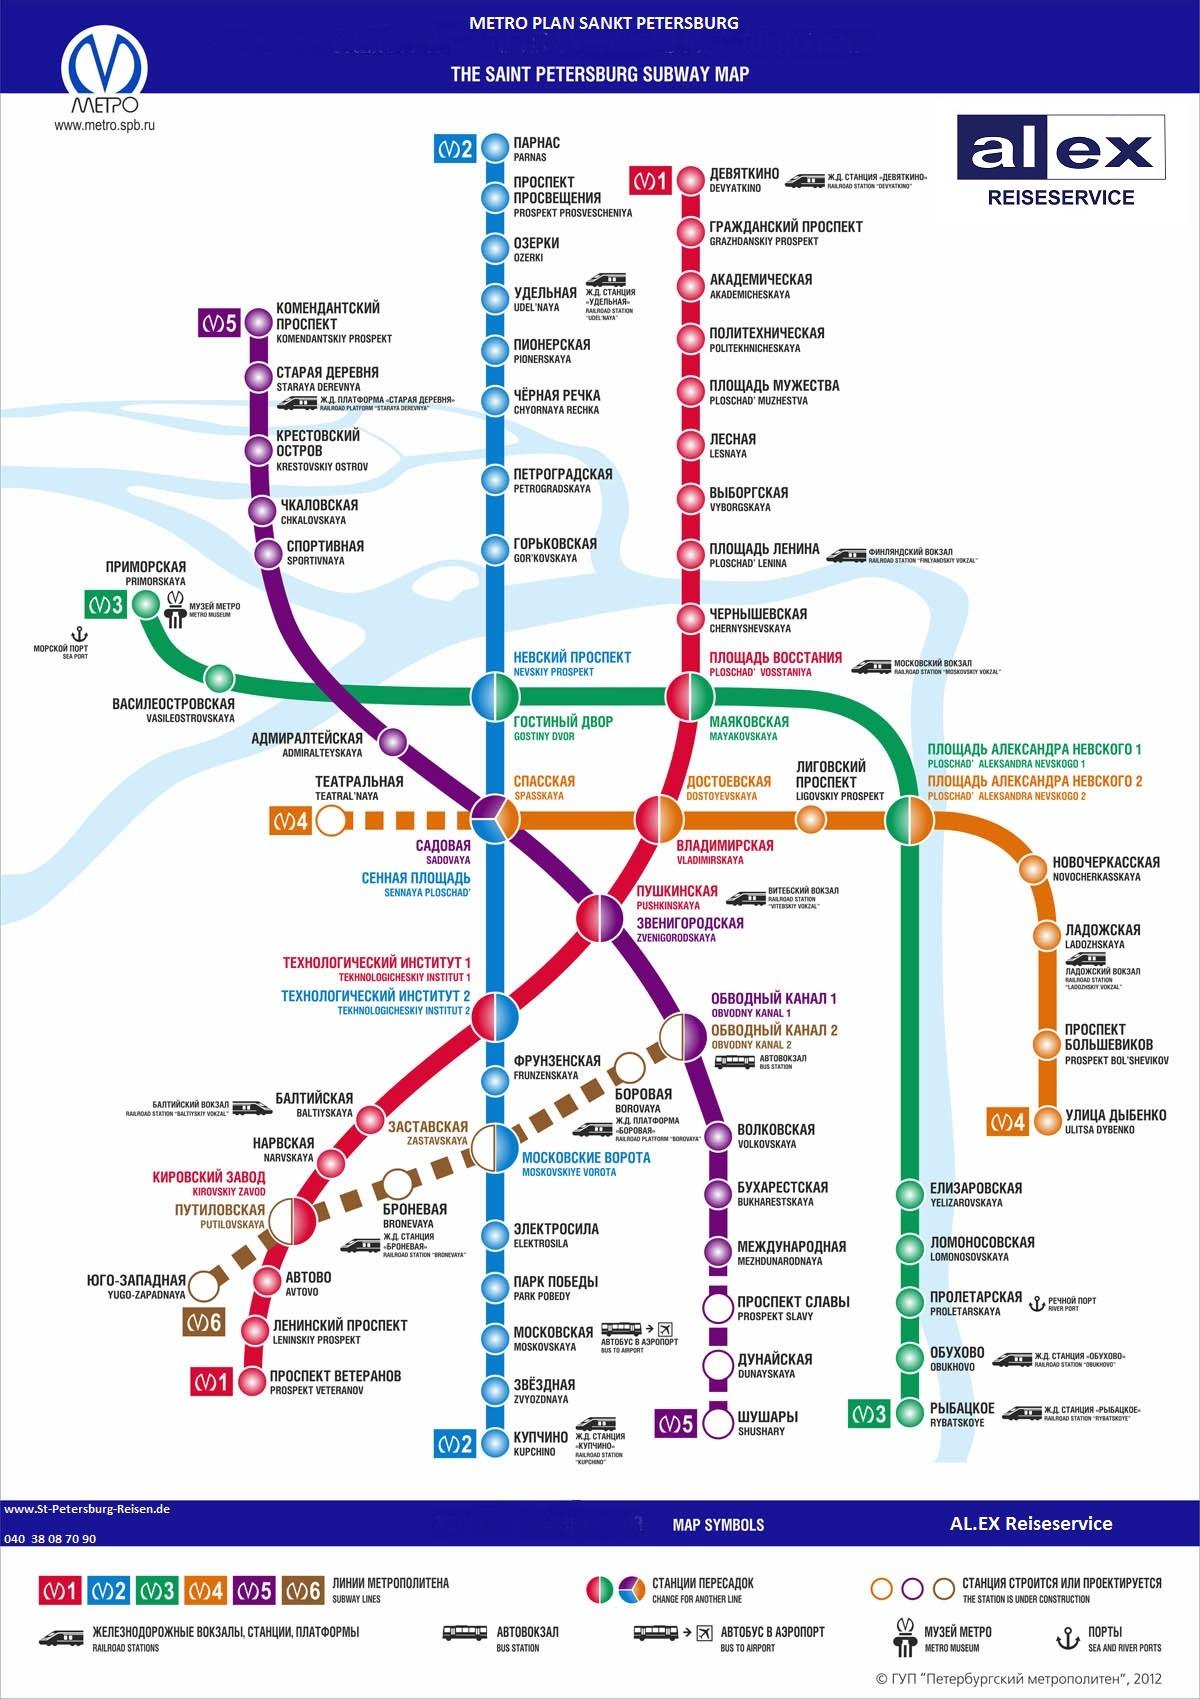 Metro Plan St Petersburg Interaktive Metrokarte 2017